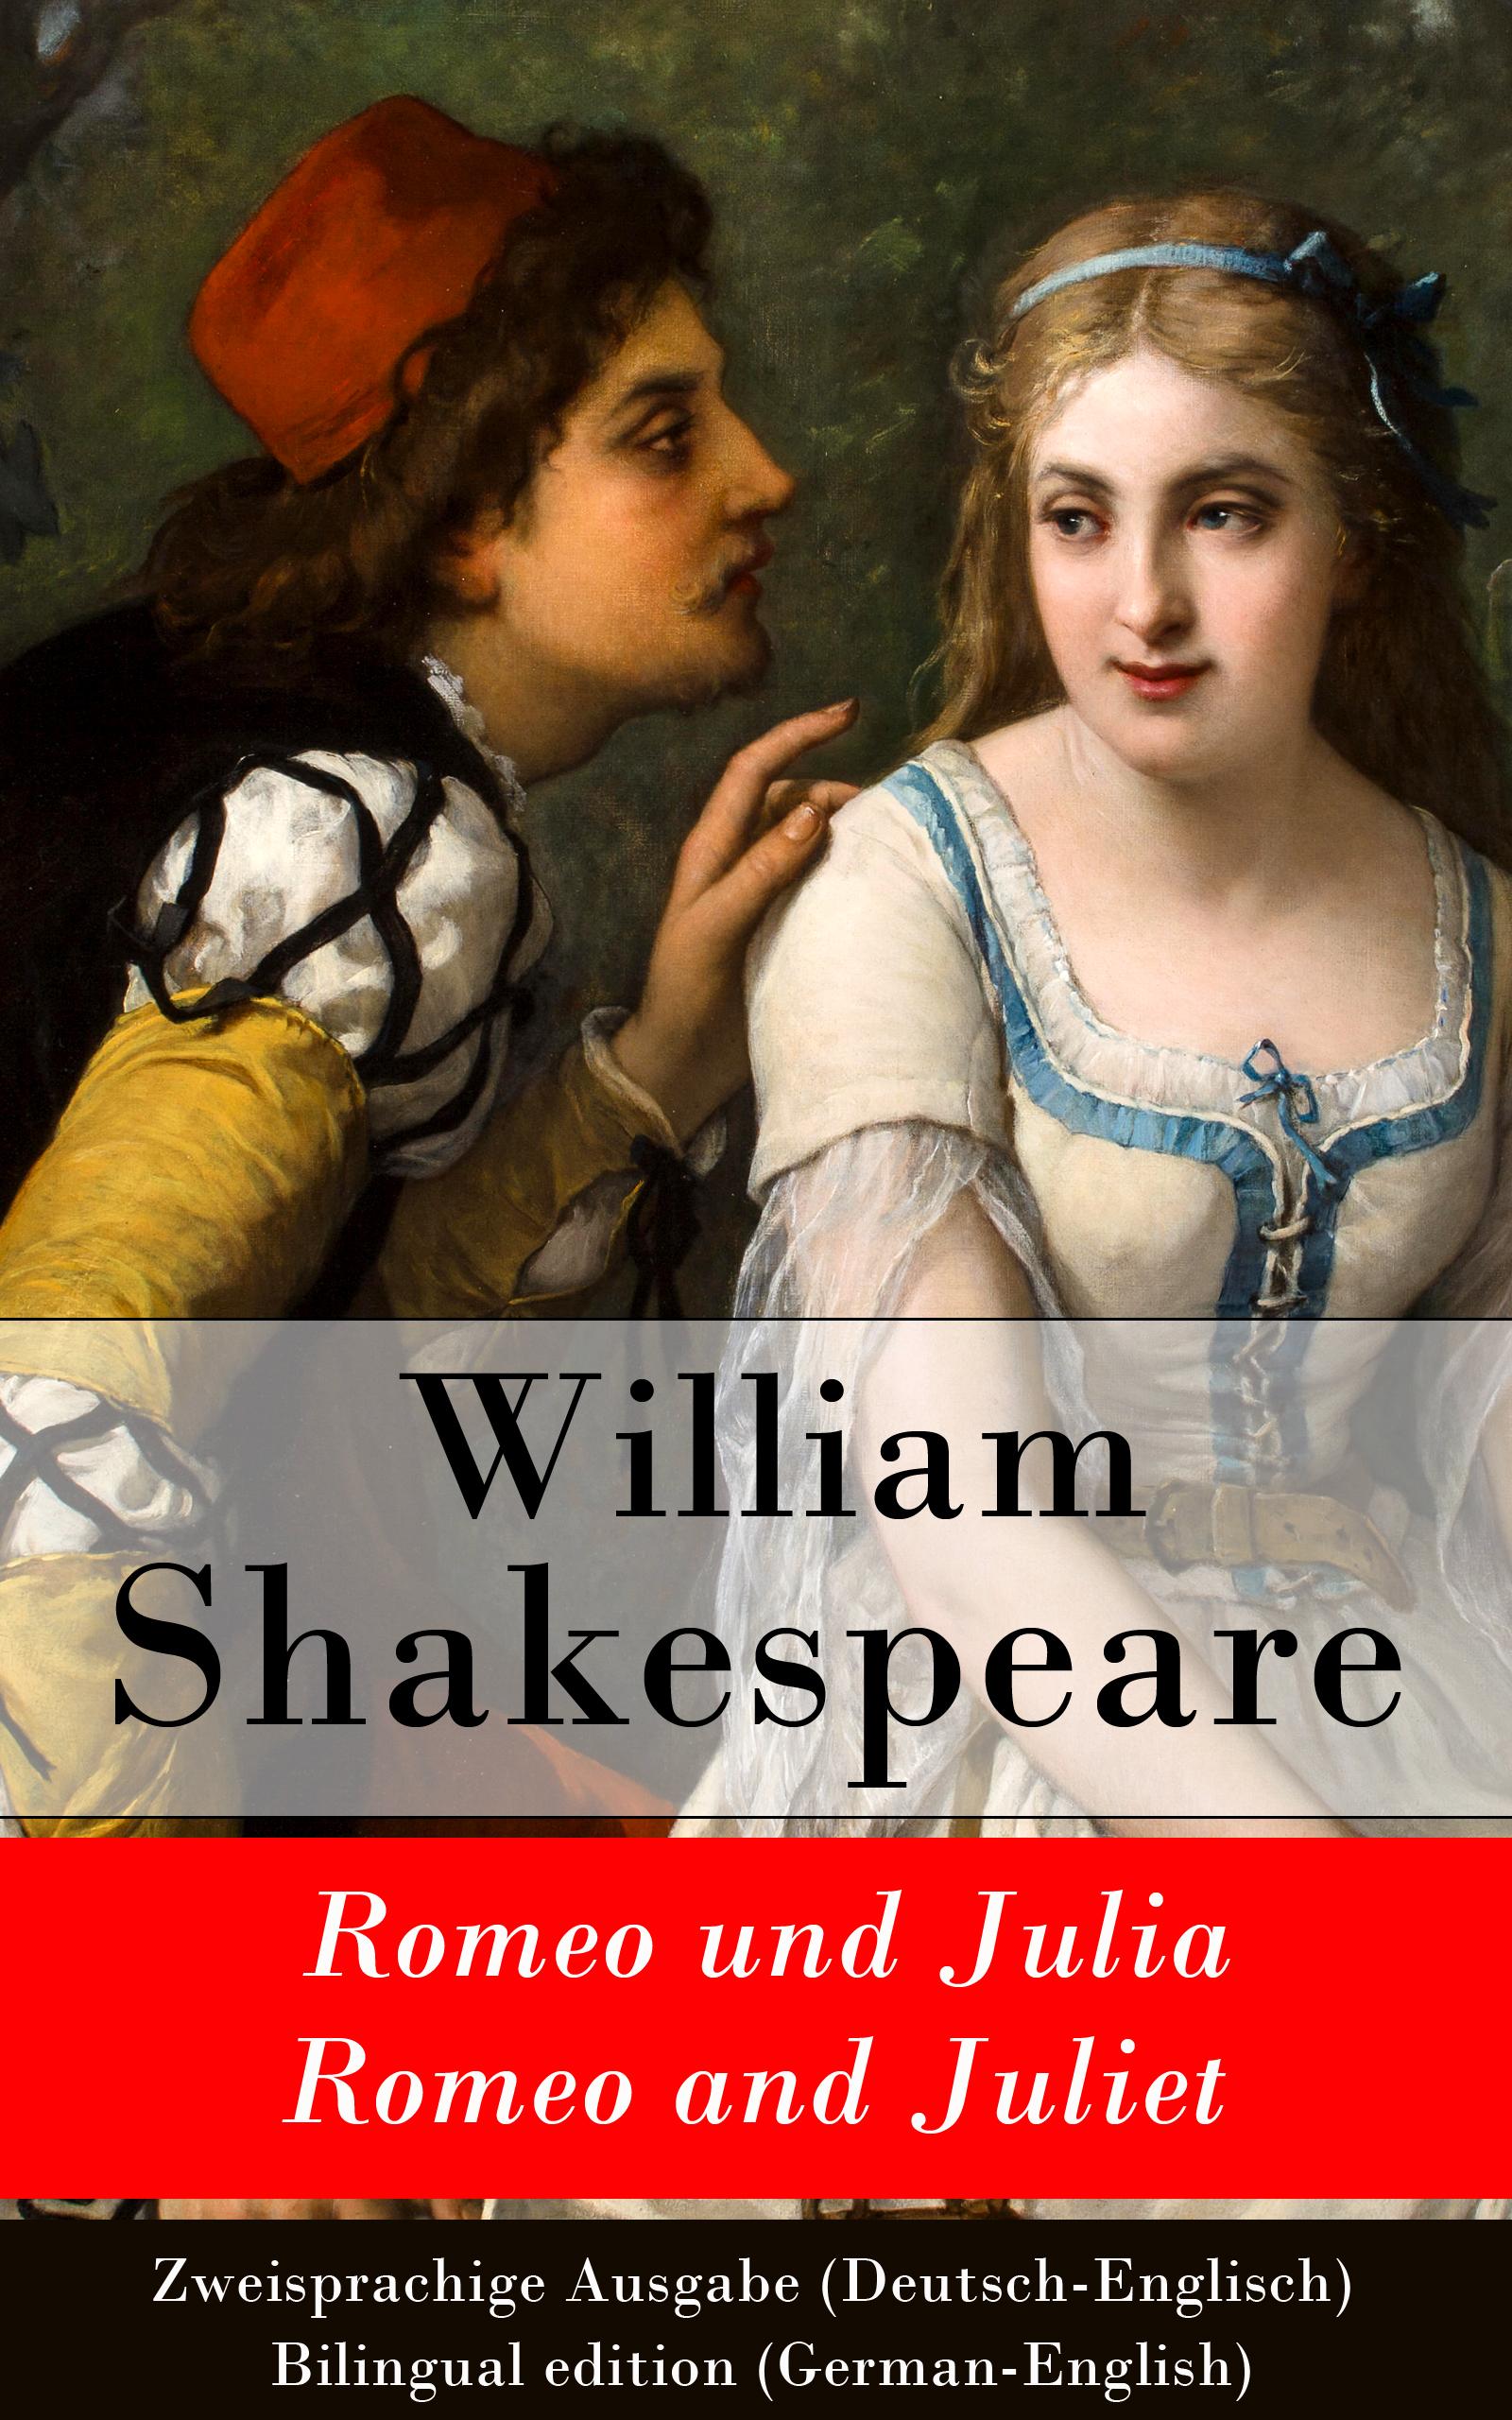 цена Уильям Шекспир Romeo und Julia / Romeo and Juliet - Zweisprachige Ausgabe (Deutsch-Englisch) / Bilingual edition (German-English) онлайн в 2017 году